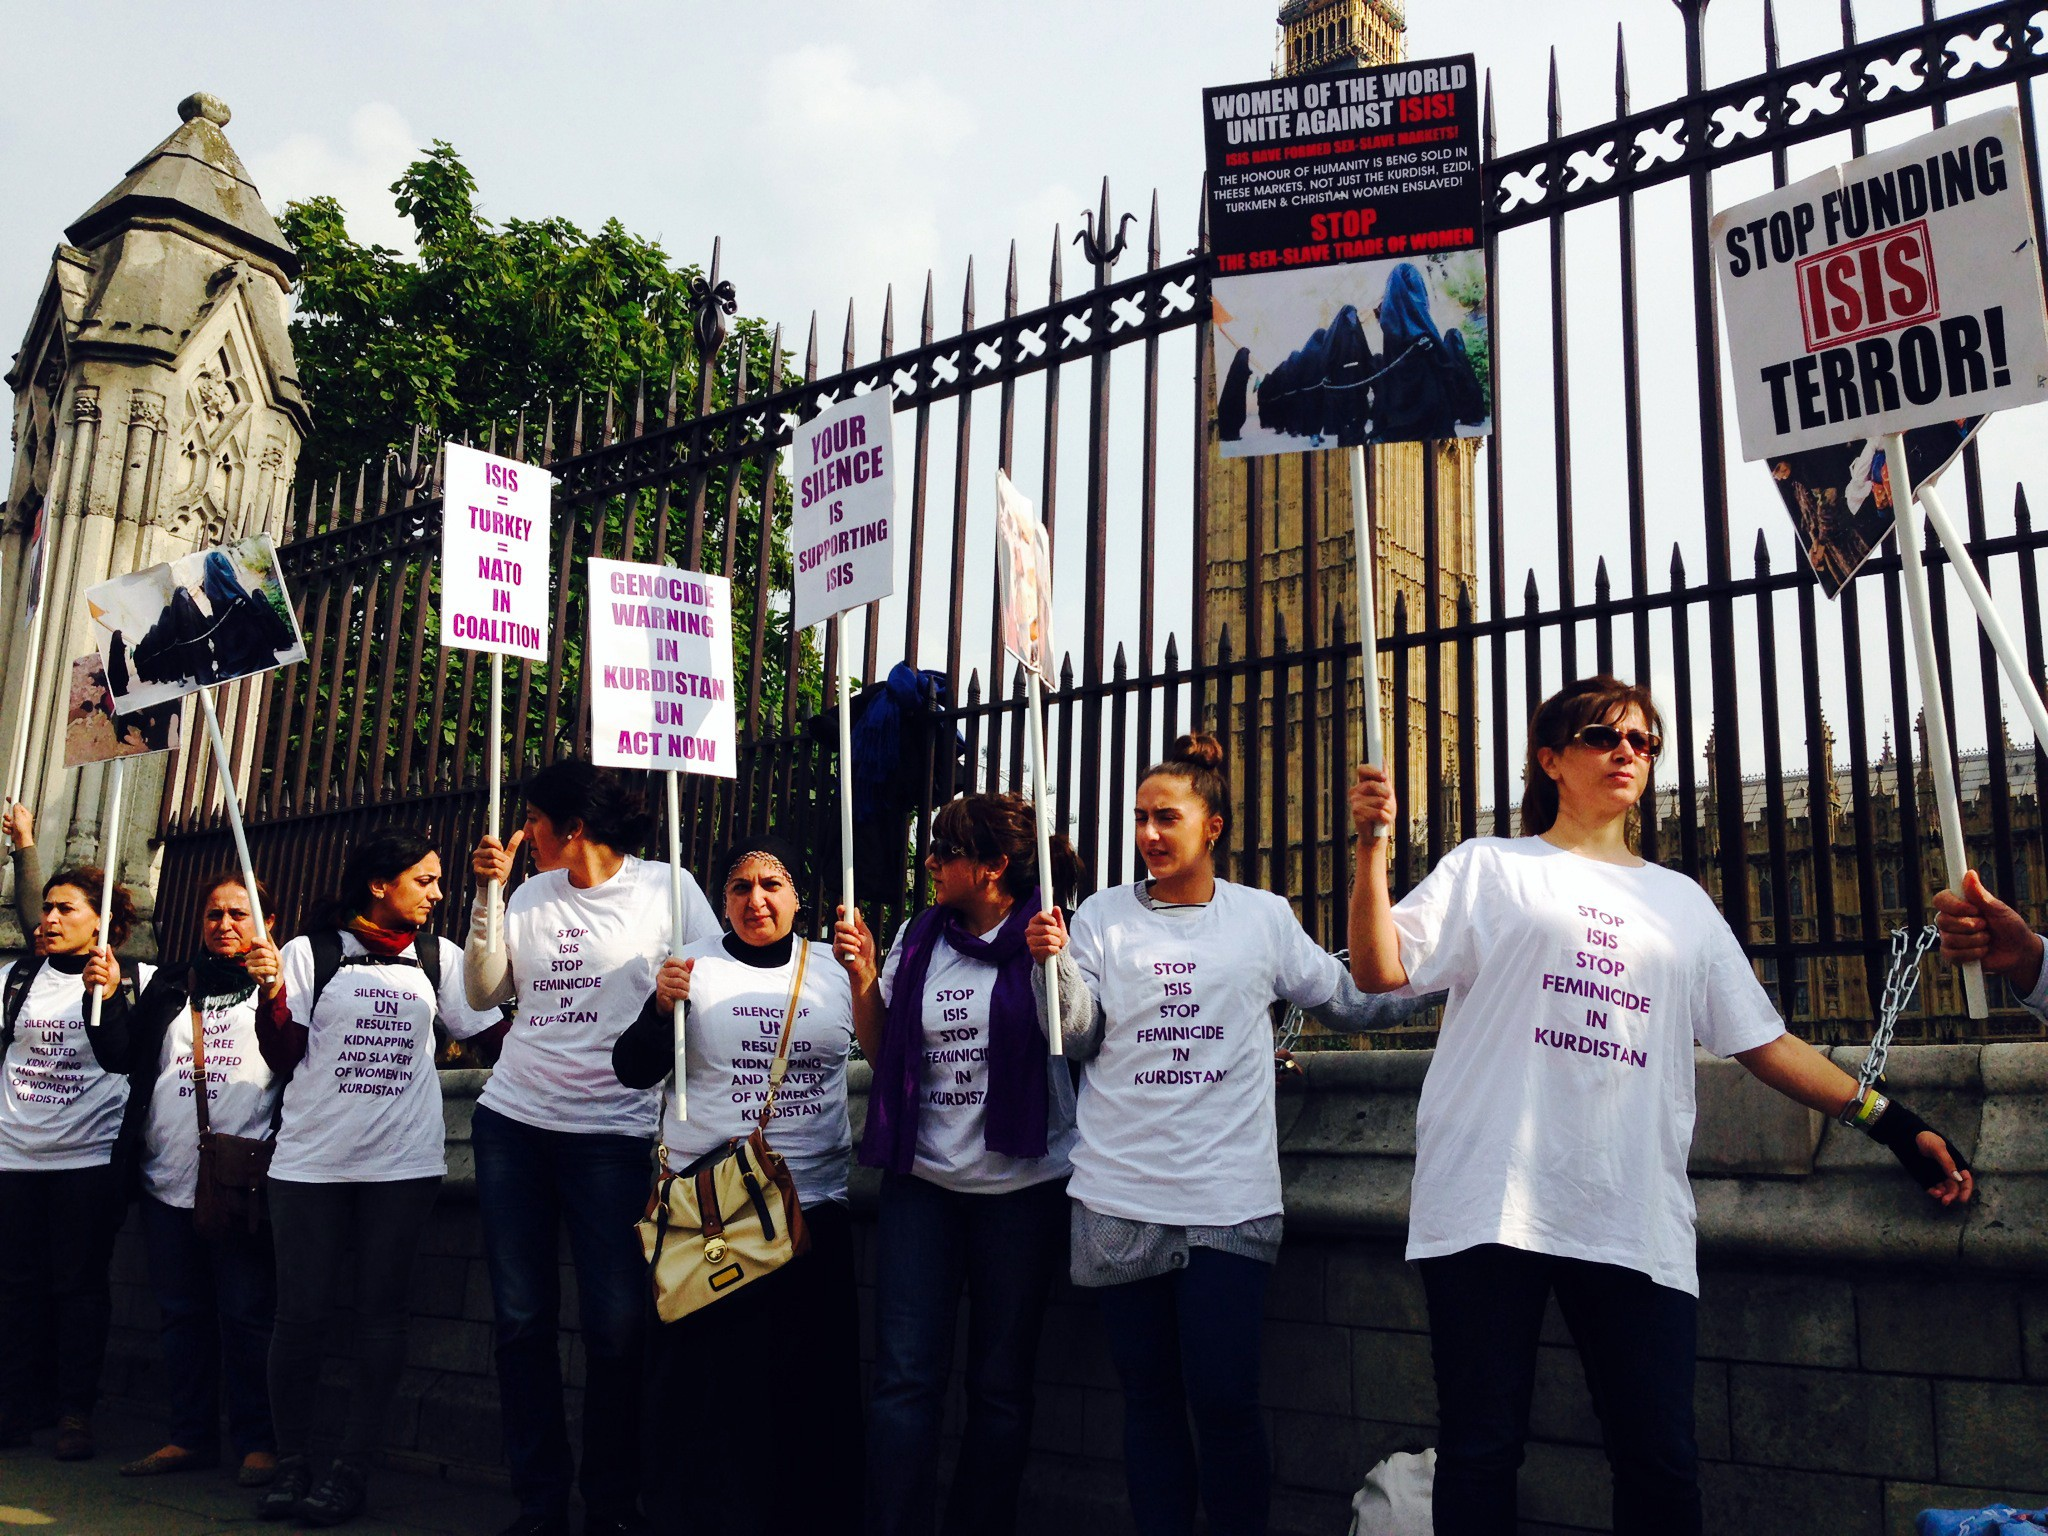 İngiliz polisinden Kürt kadınlara sert müdahale